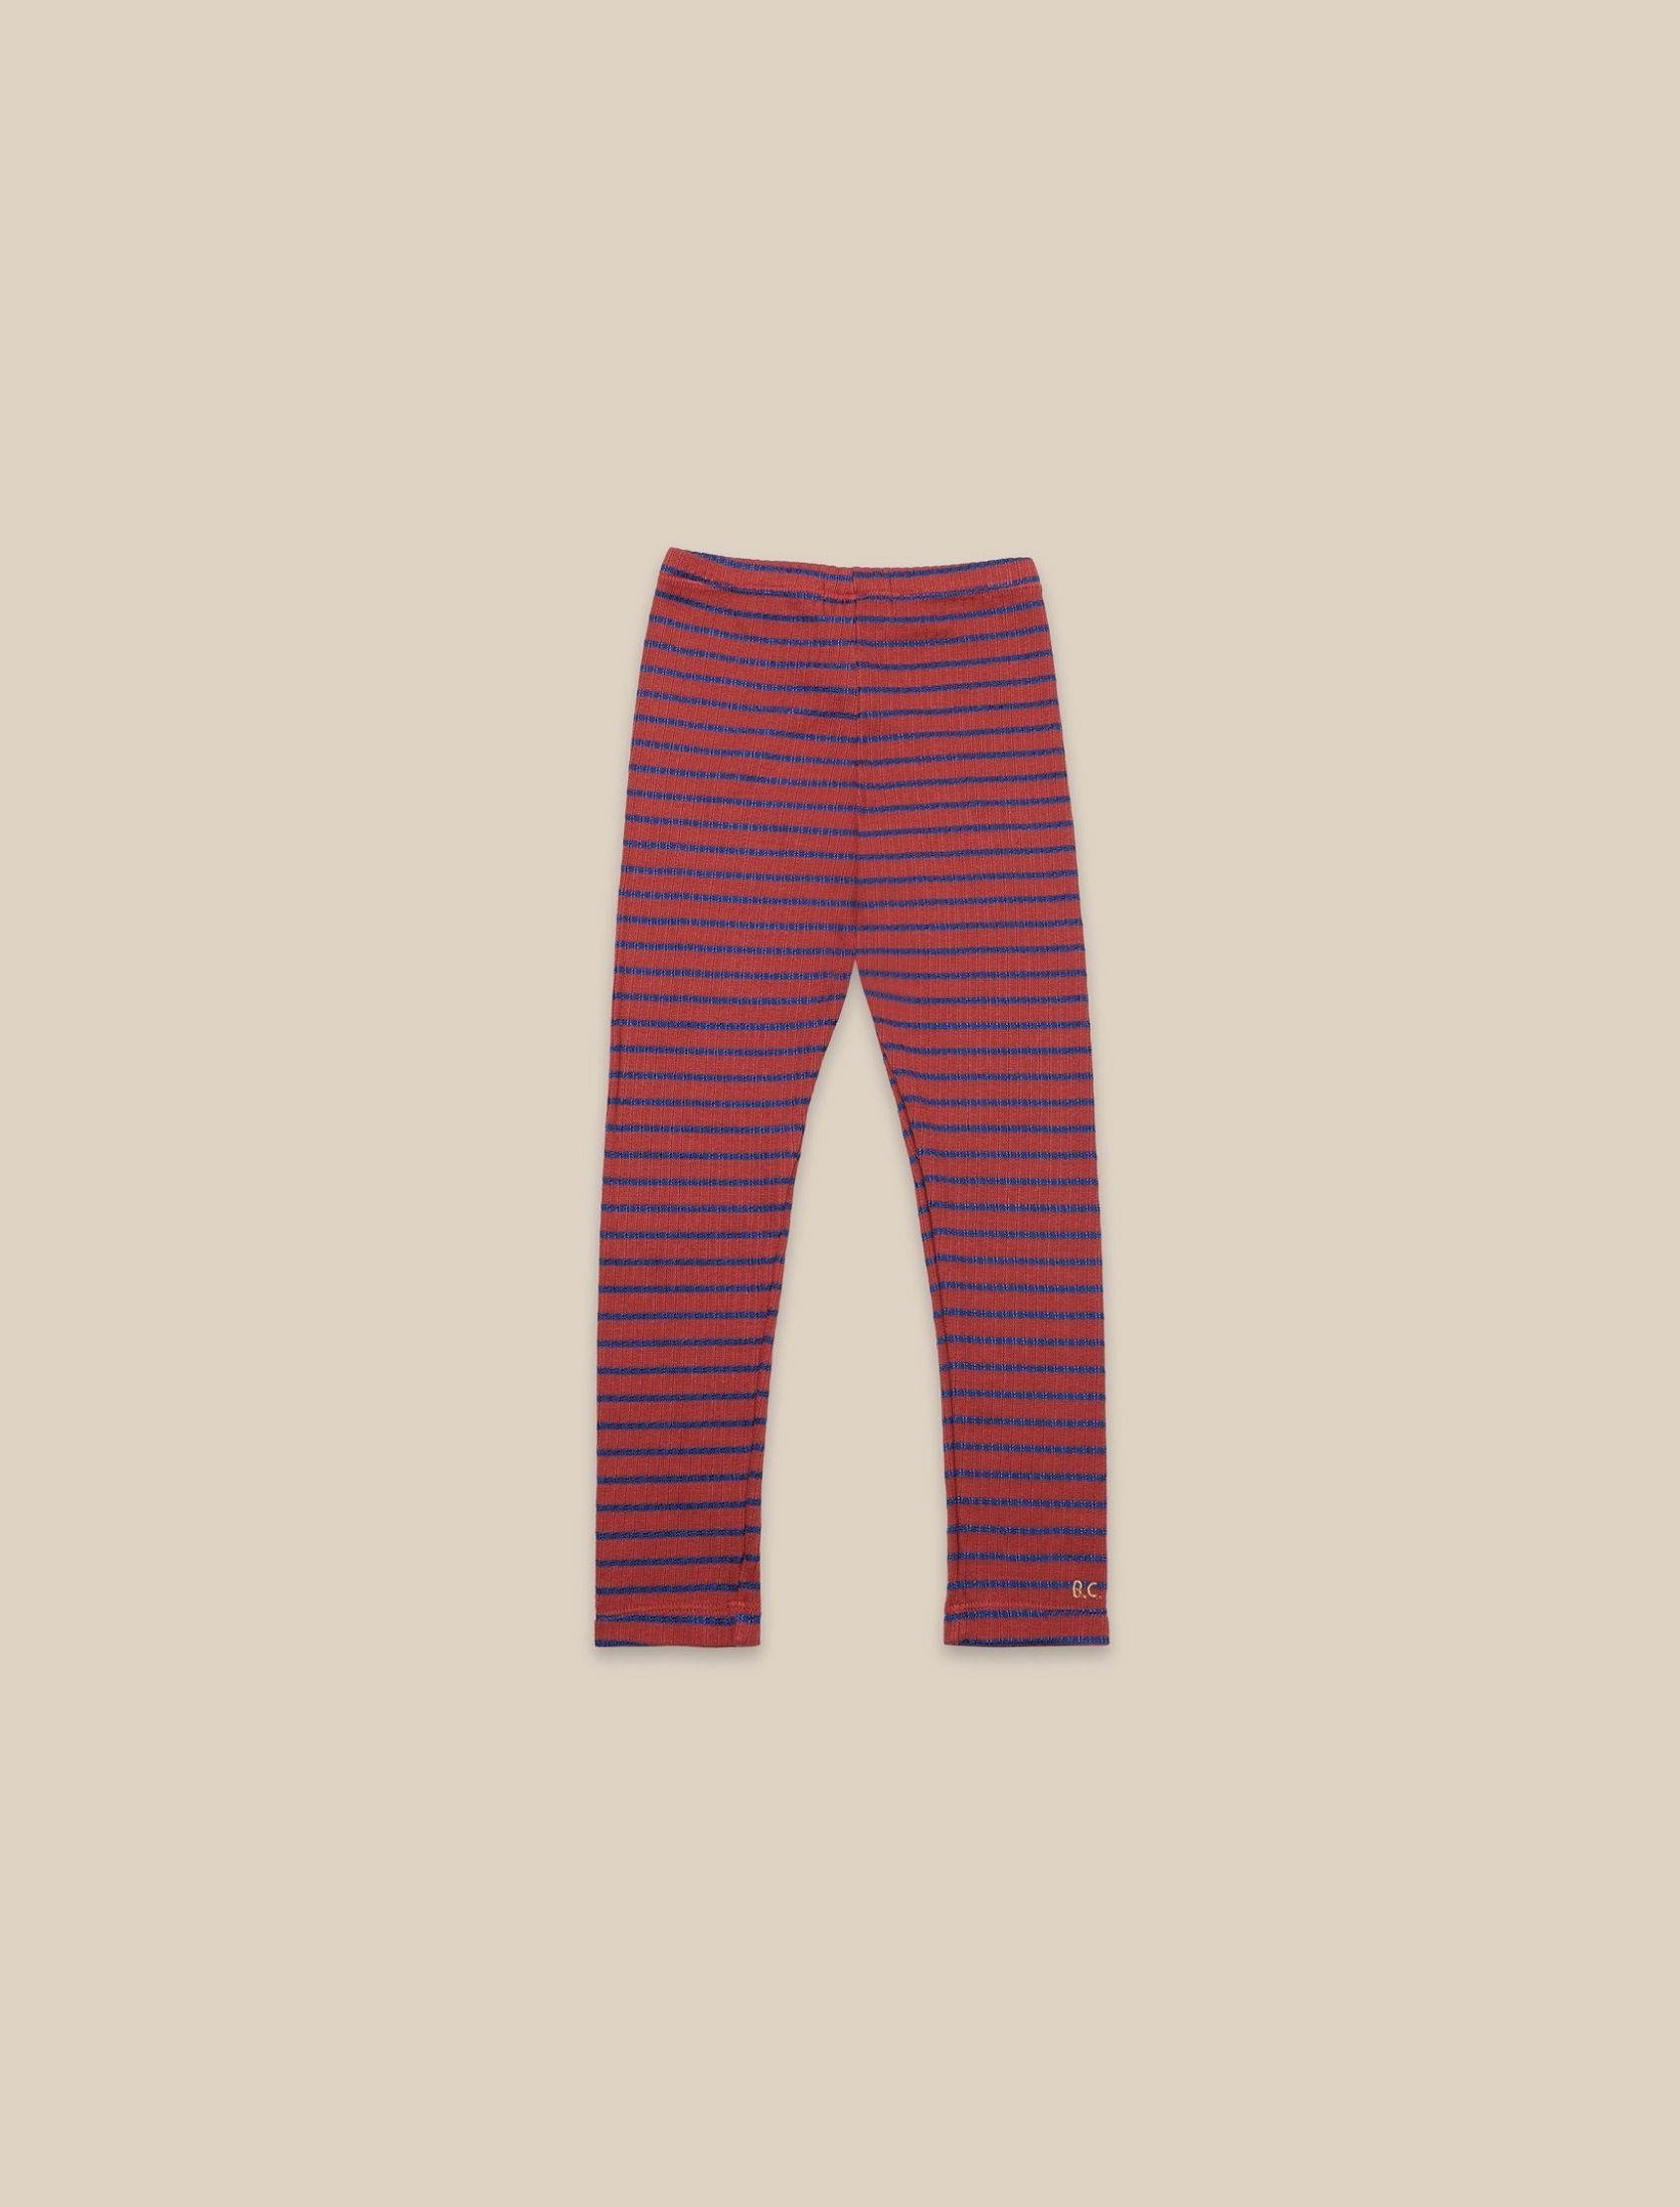 pantalón estilo leggings con estampado de rayas stiped multicolo para niño y niña de bobo choses